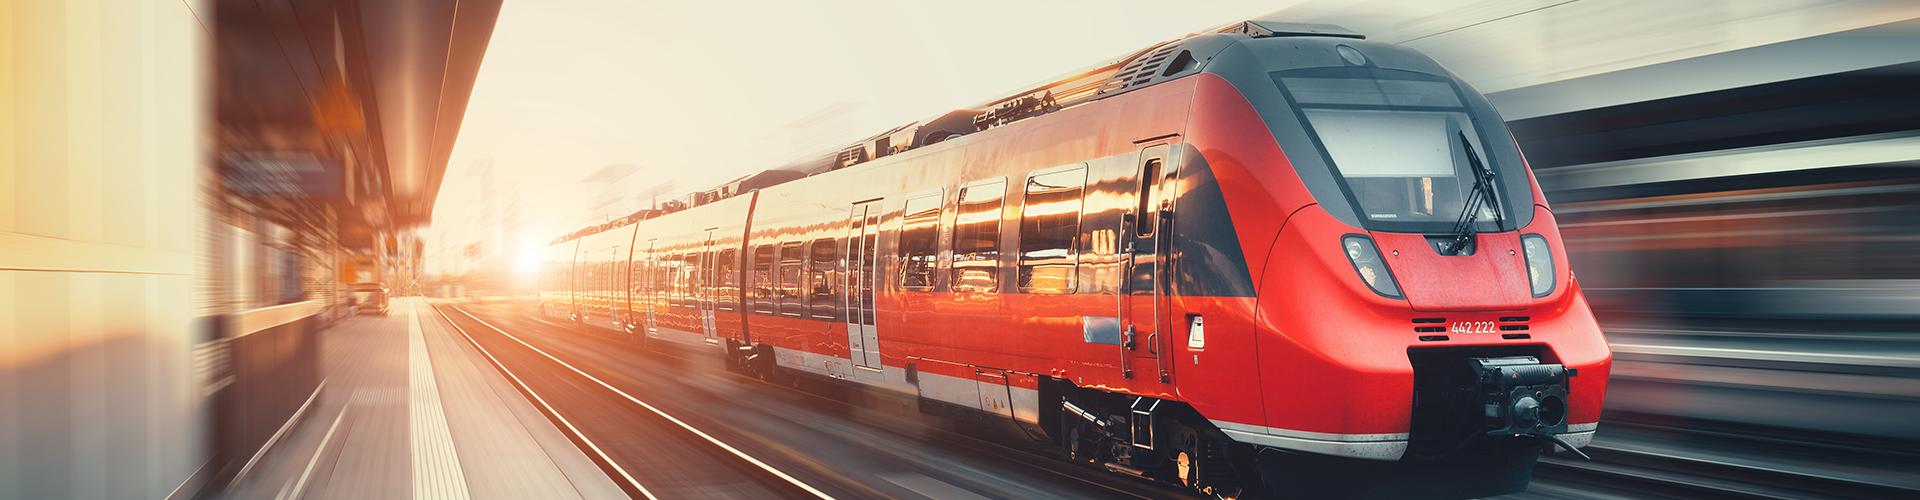 Öffentlicher Verkehr, Zug © Den Belitsky, AdobeStock